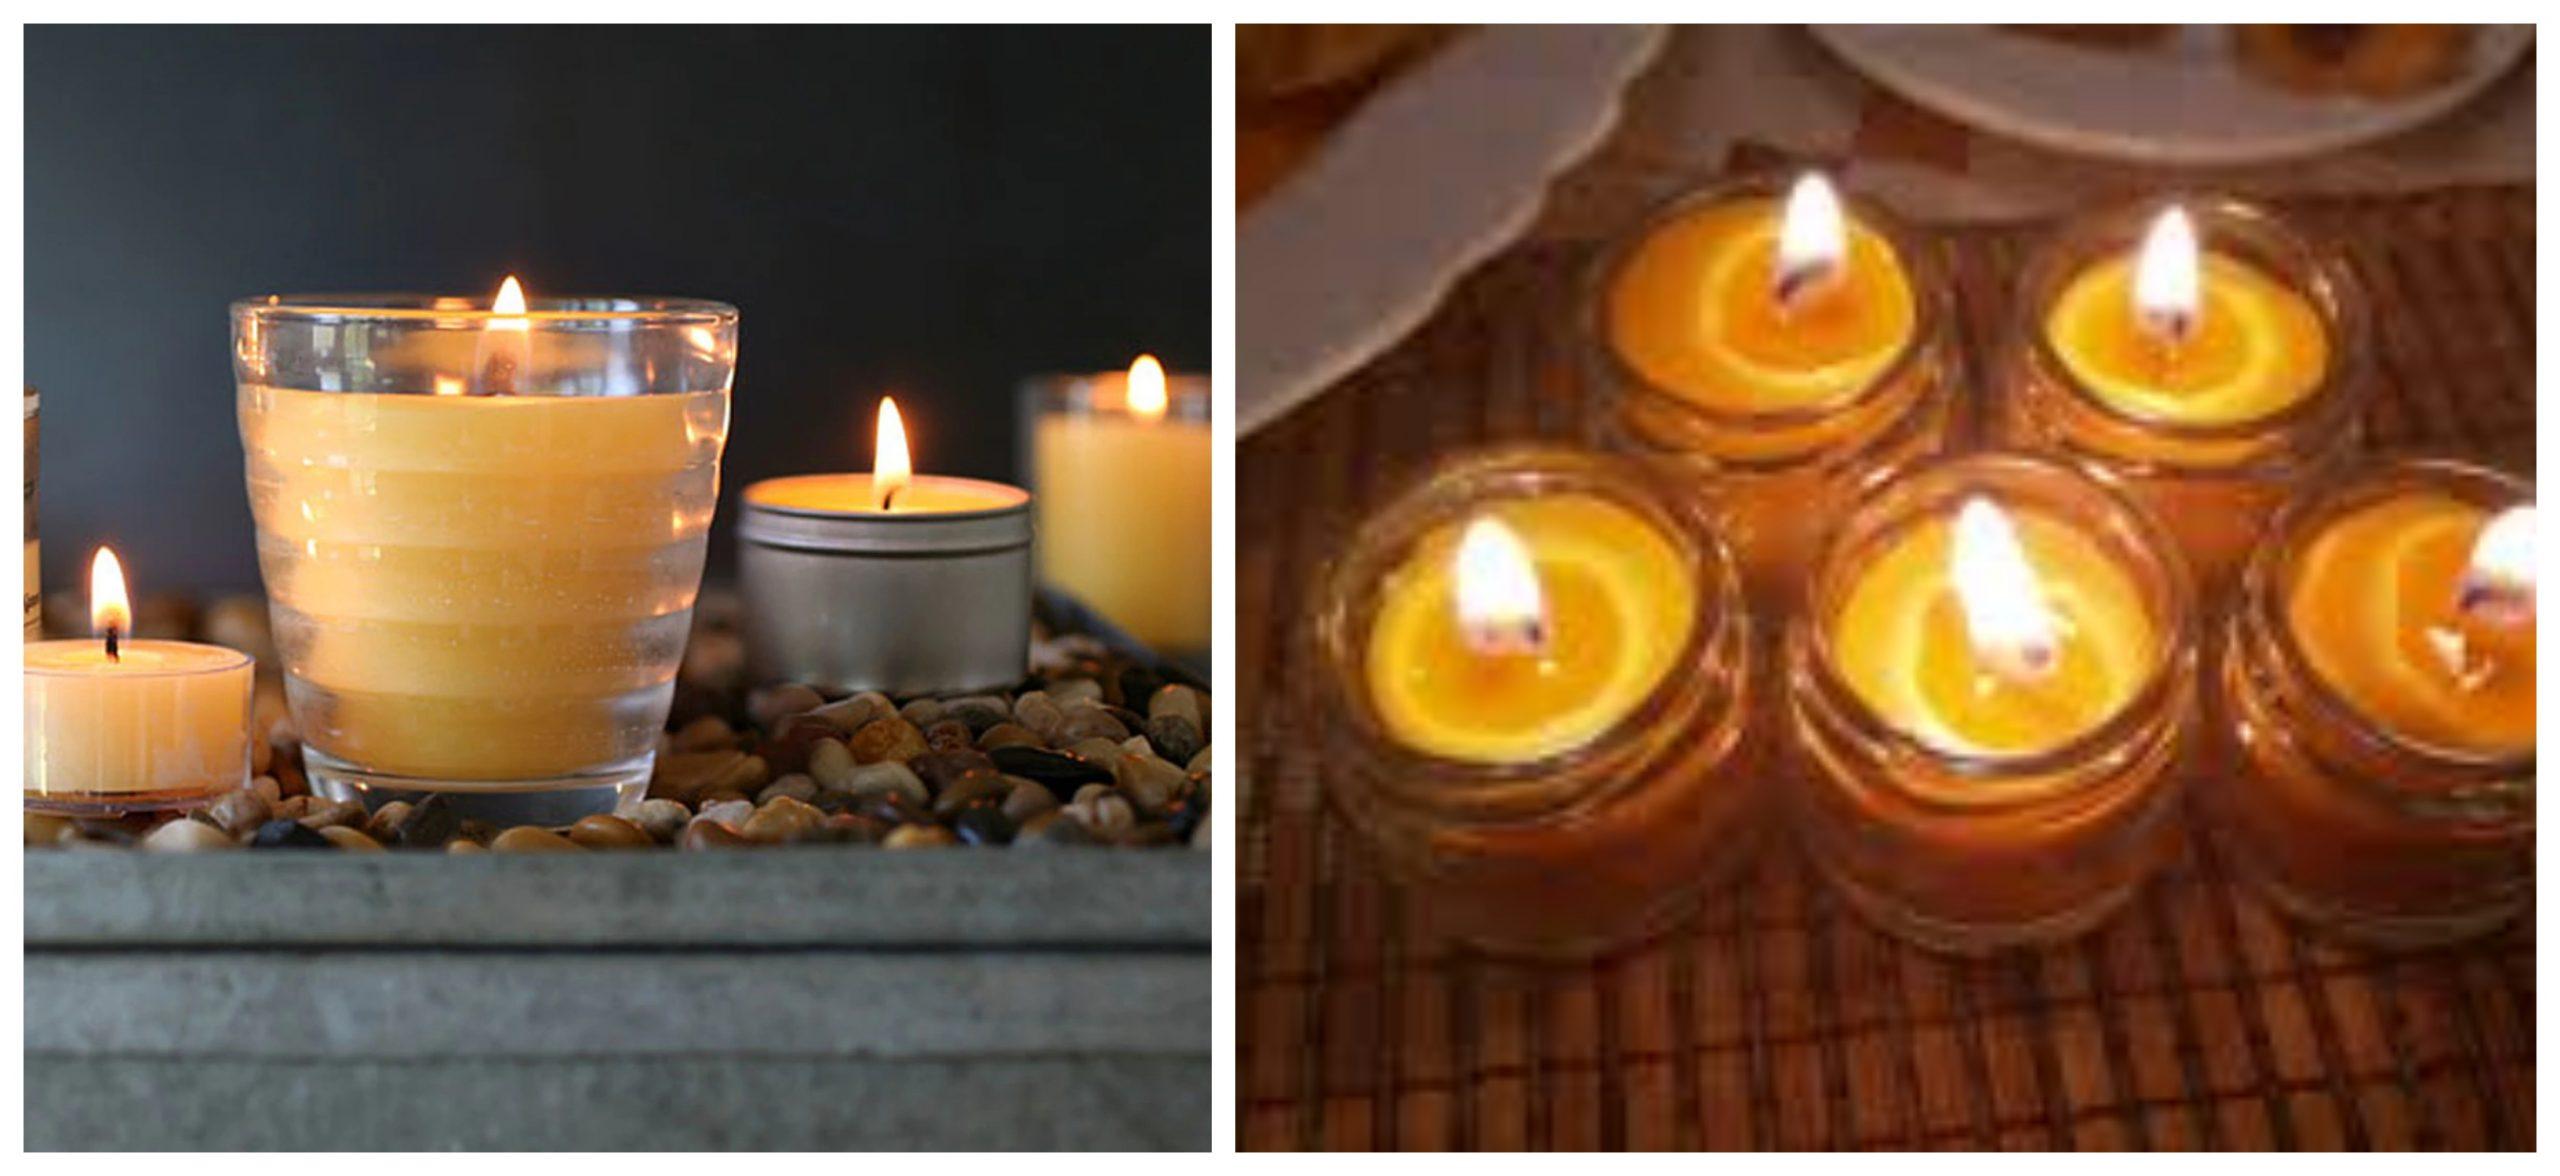 فوائد صحية وبيئية لاستخدام شمع العسل في المنزل